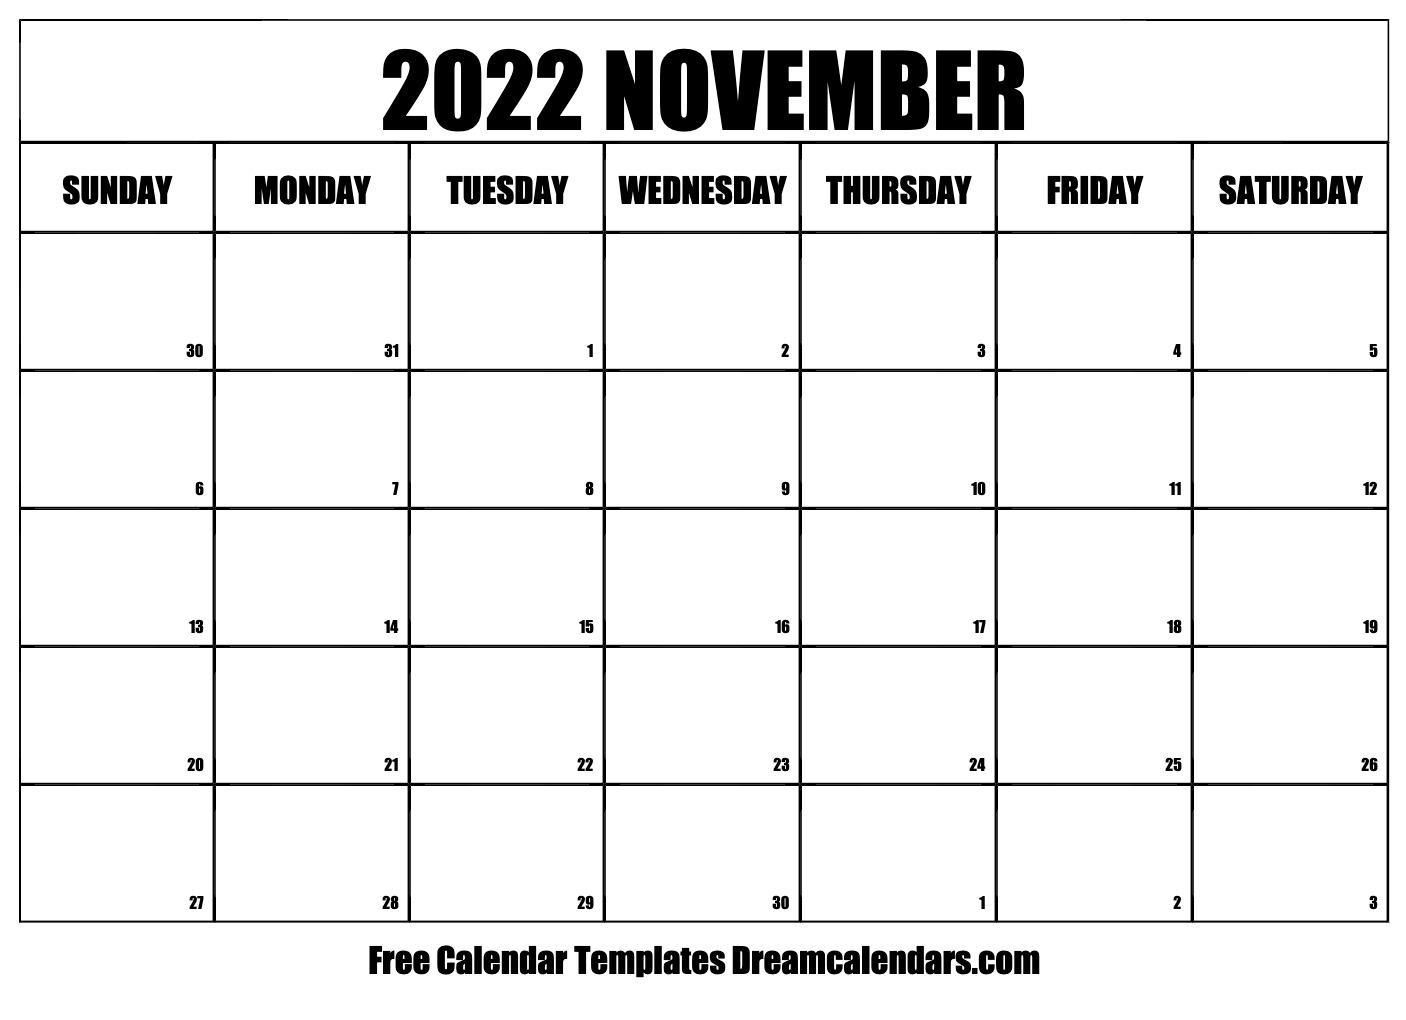 Lego November 2022 Calendar.November 2022 Calendar Free Blank Printable Templates